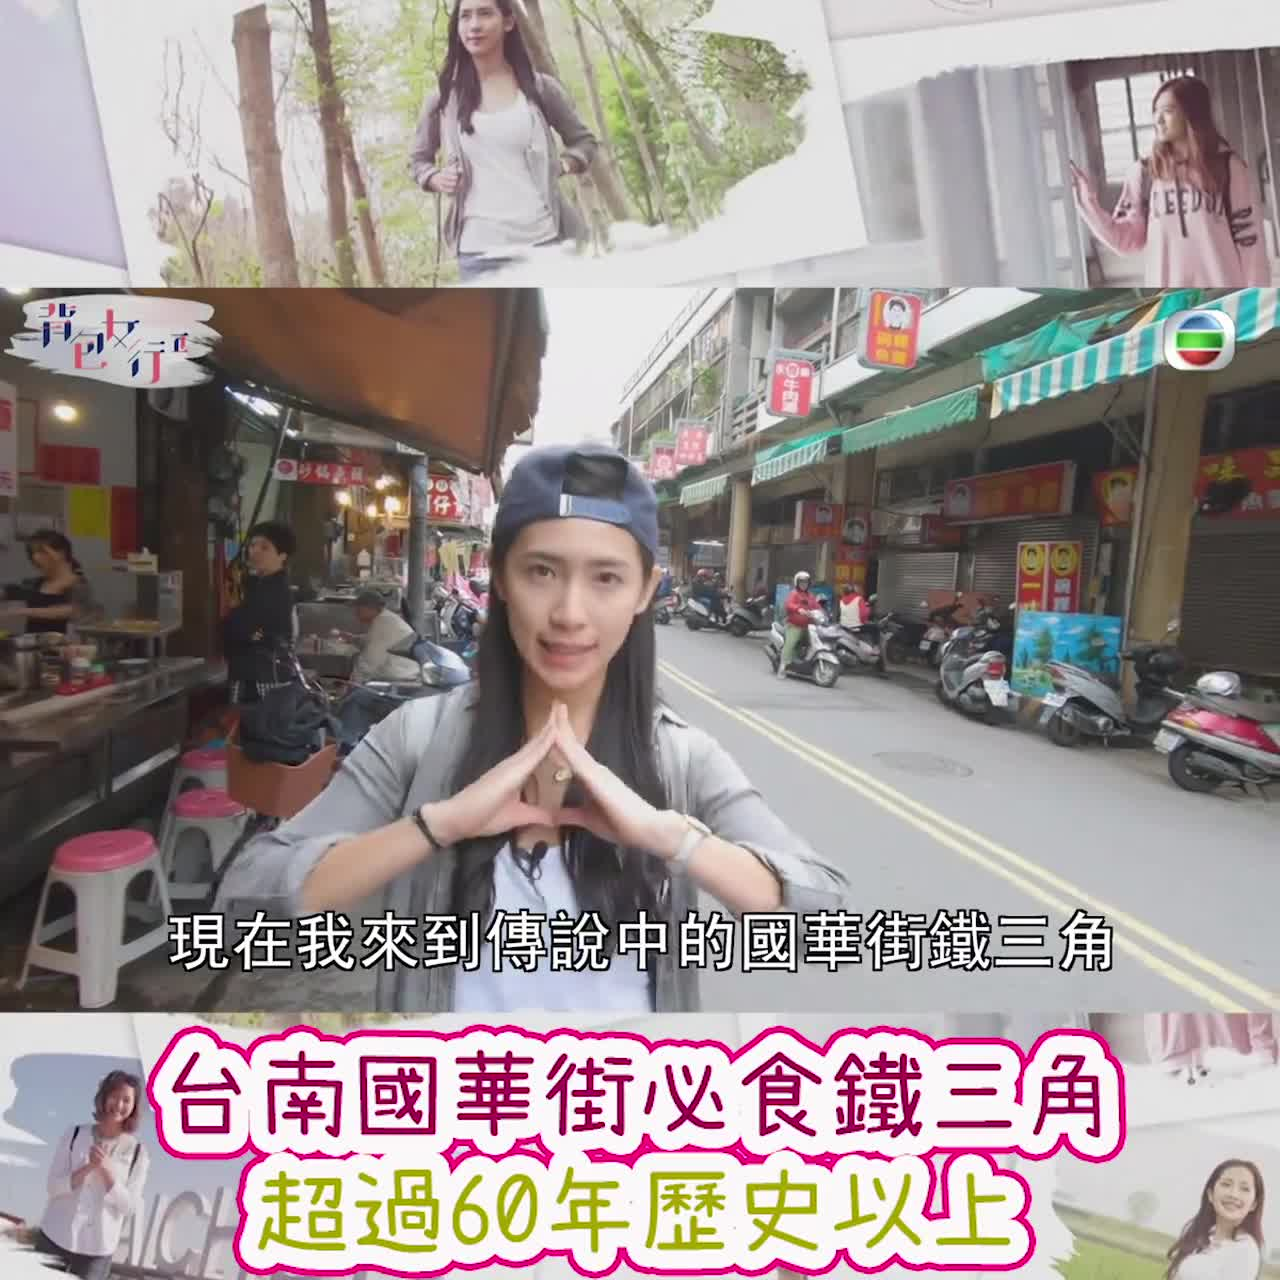 台南國華街必食鐵三角 超過60年歷史以上